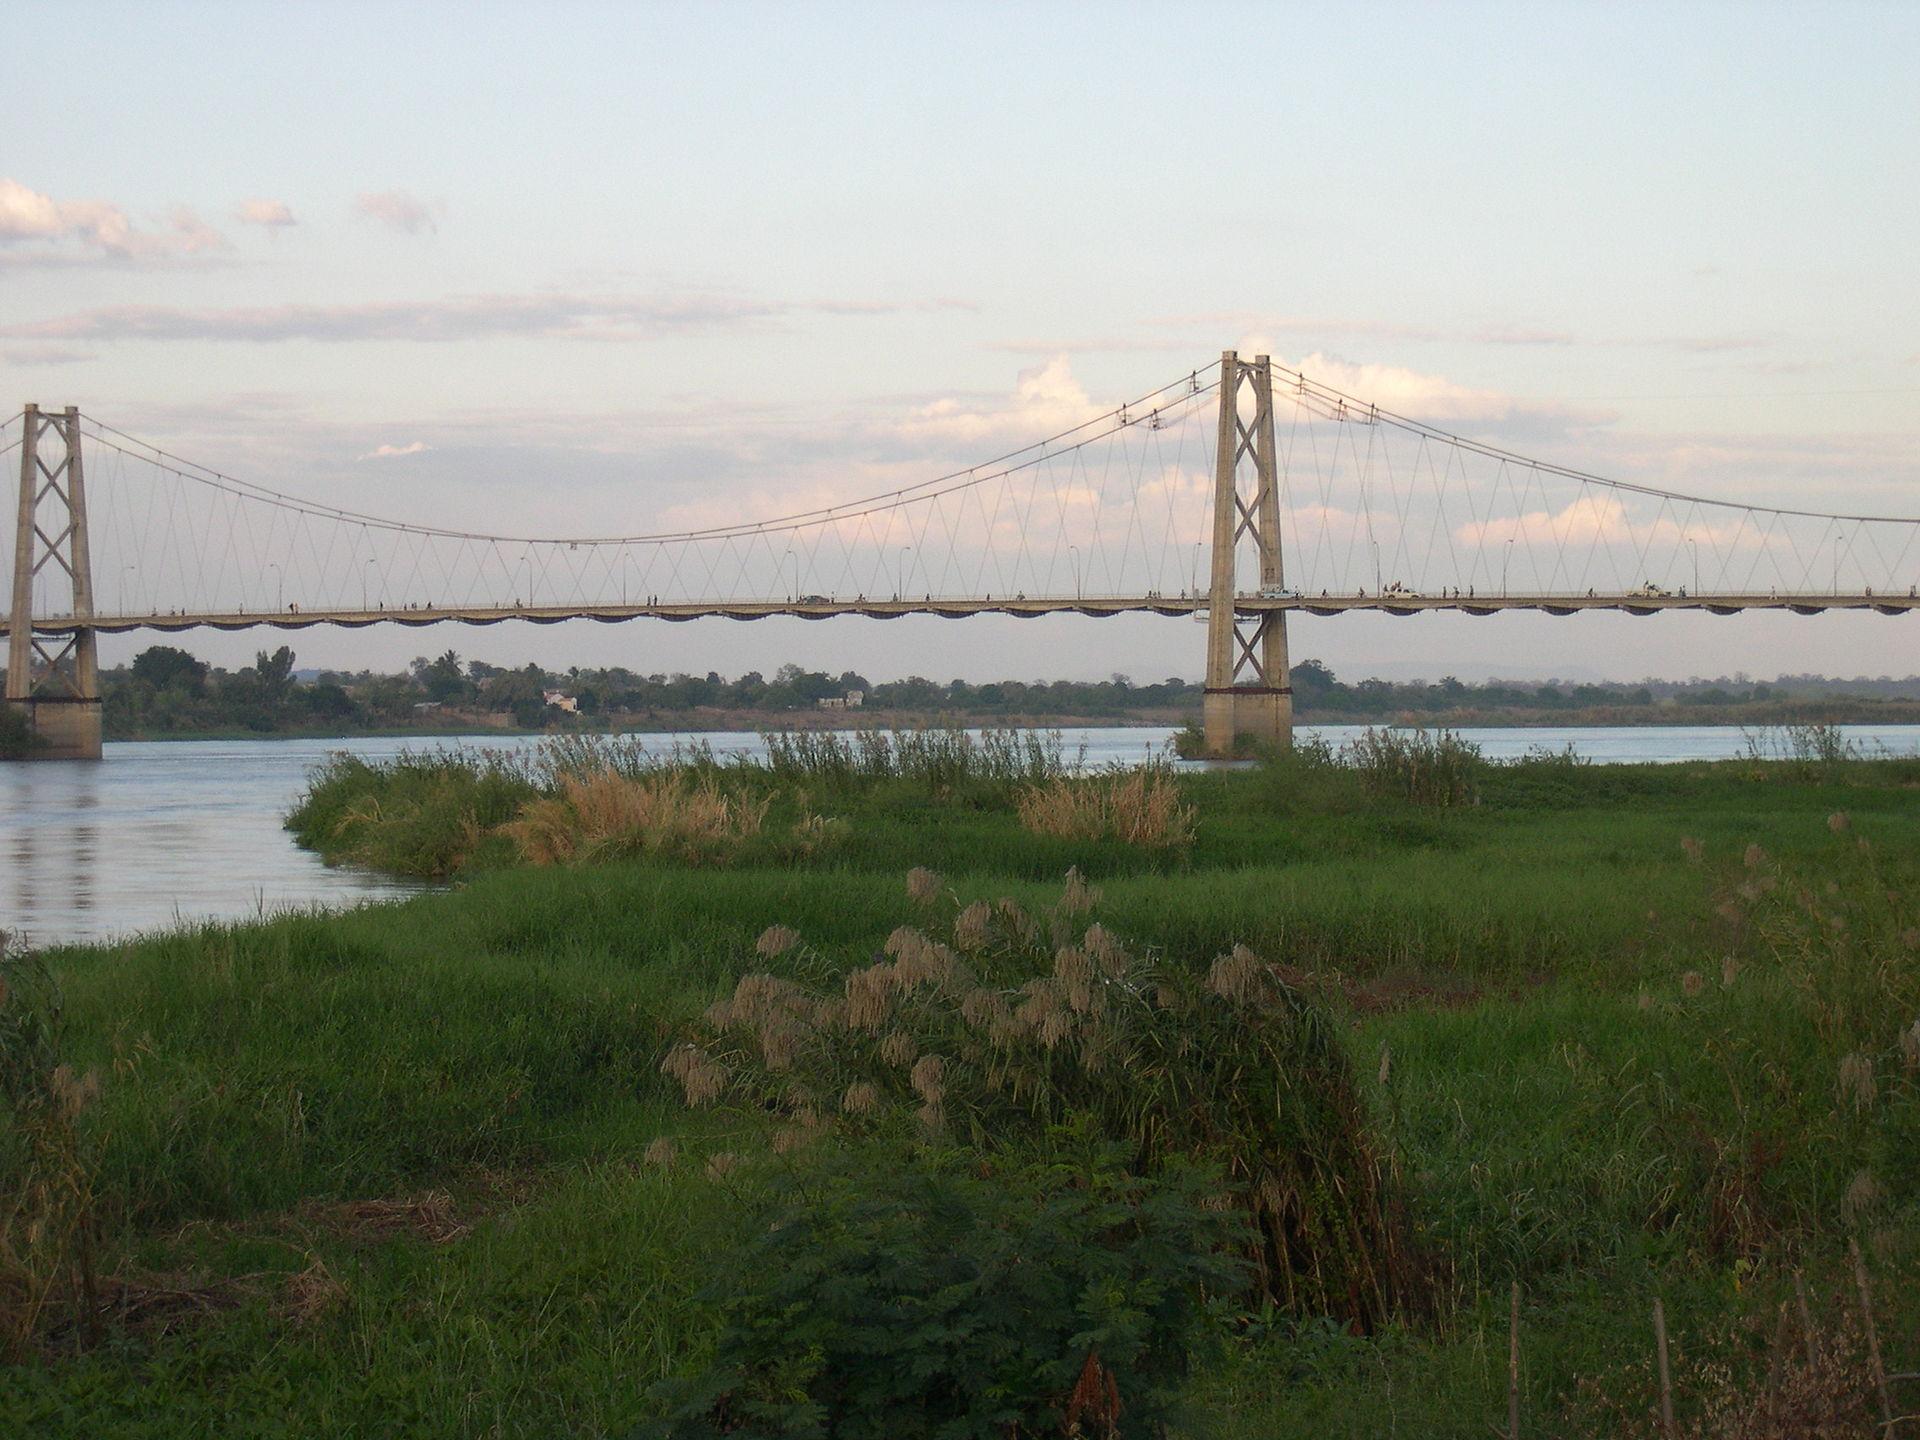 Tete Mozambique